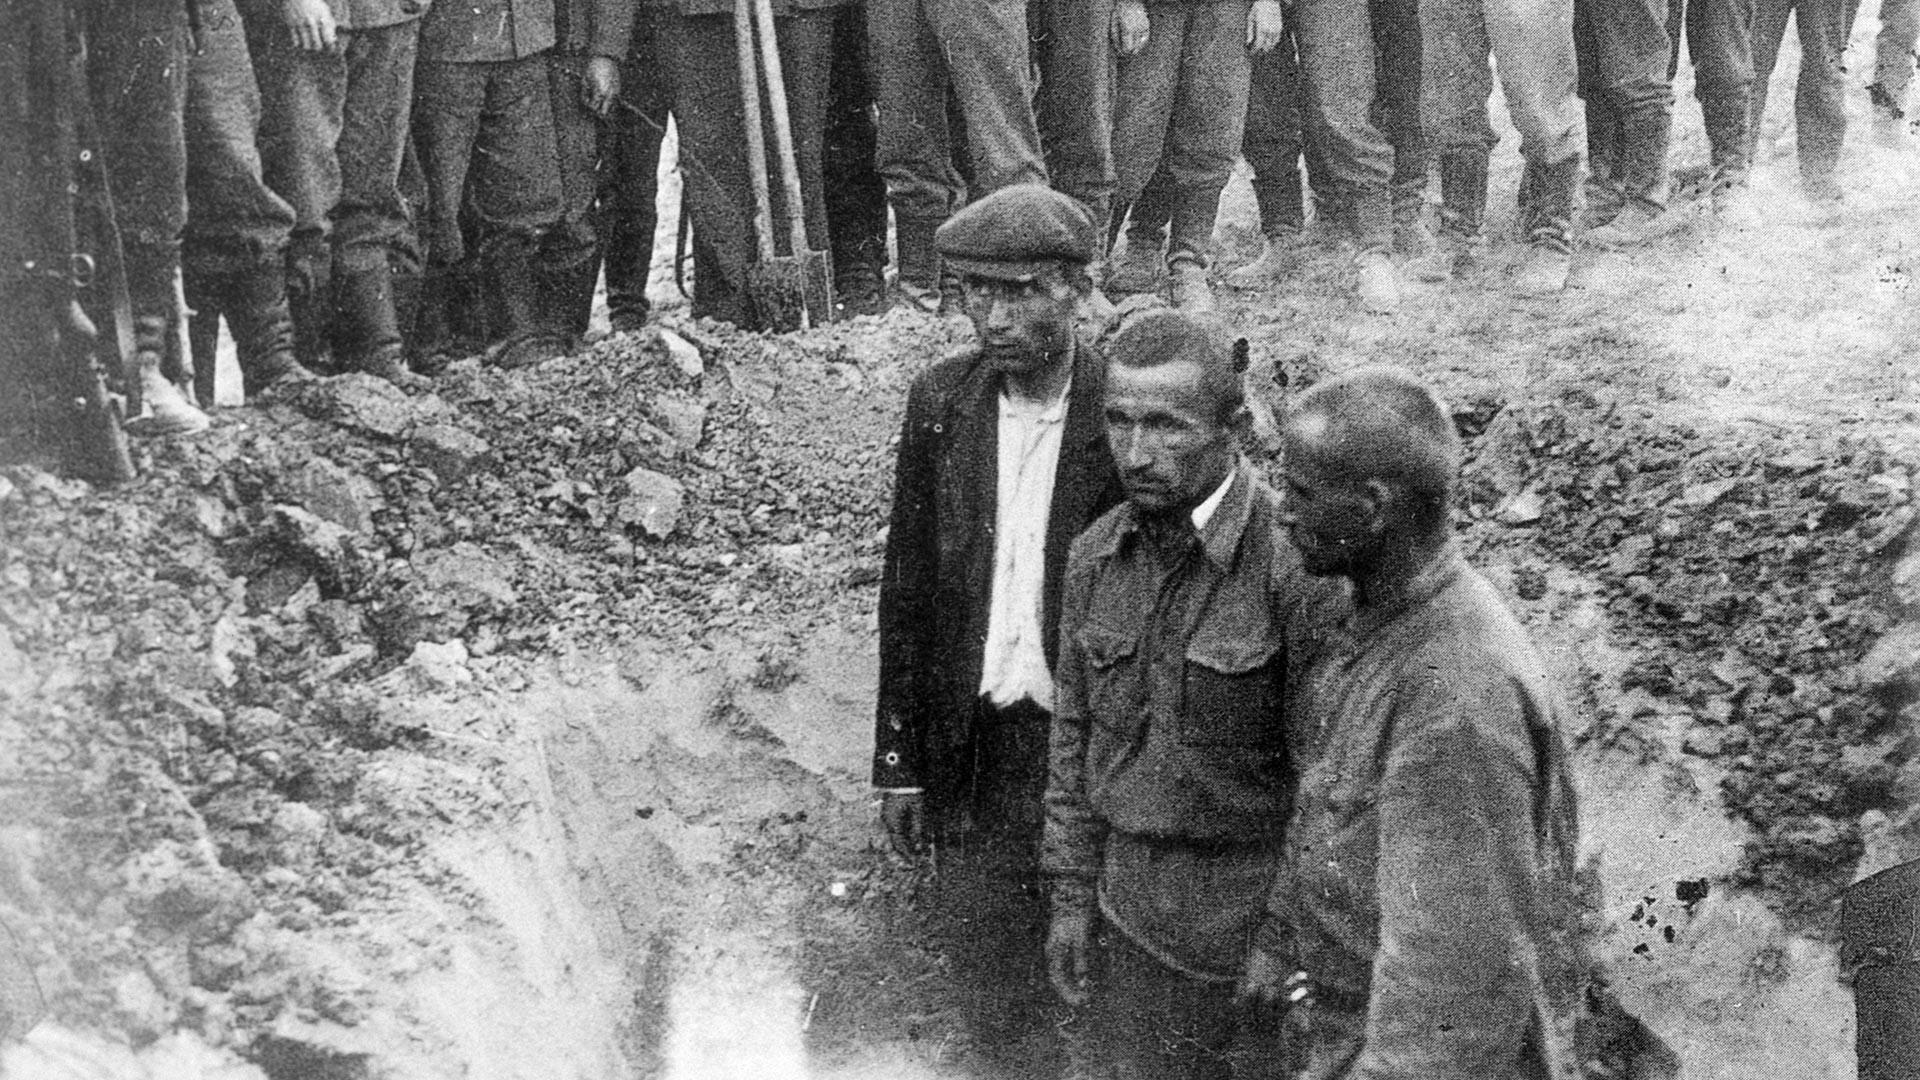 Prigionieri di guerra prima dell'esecuzione